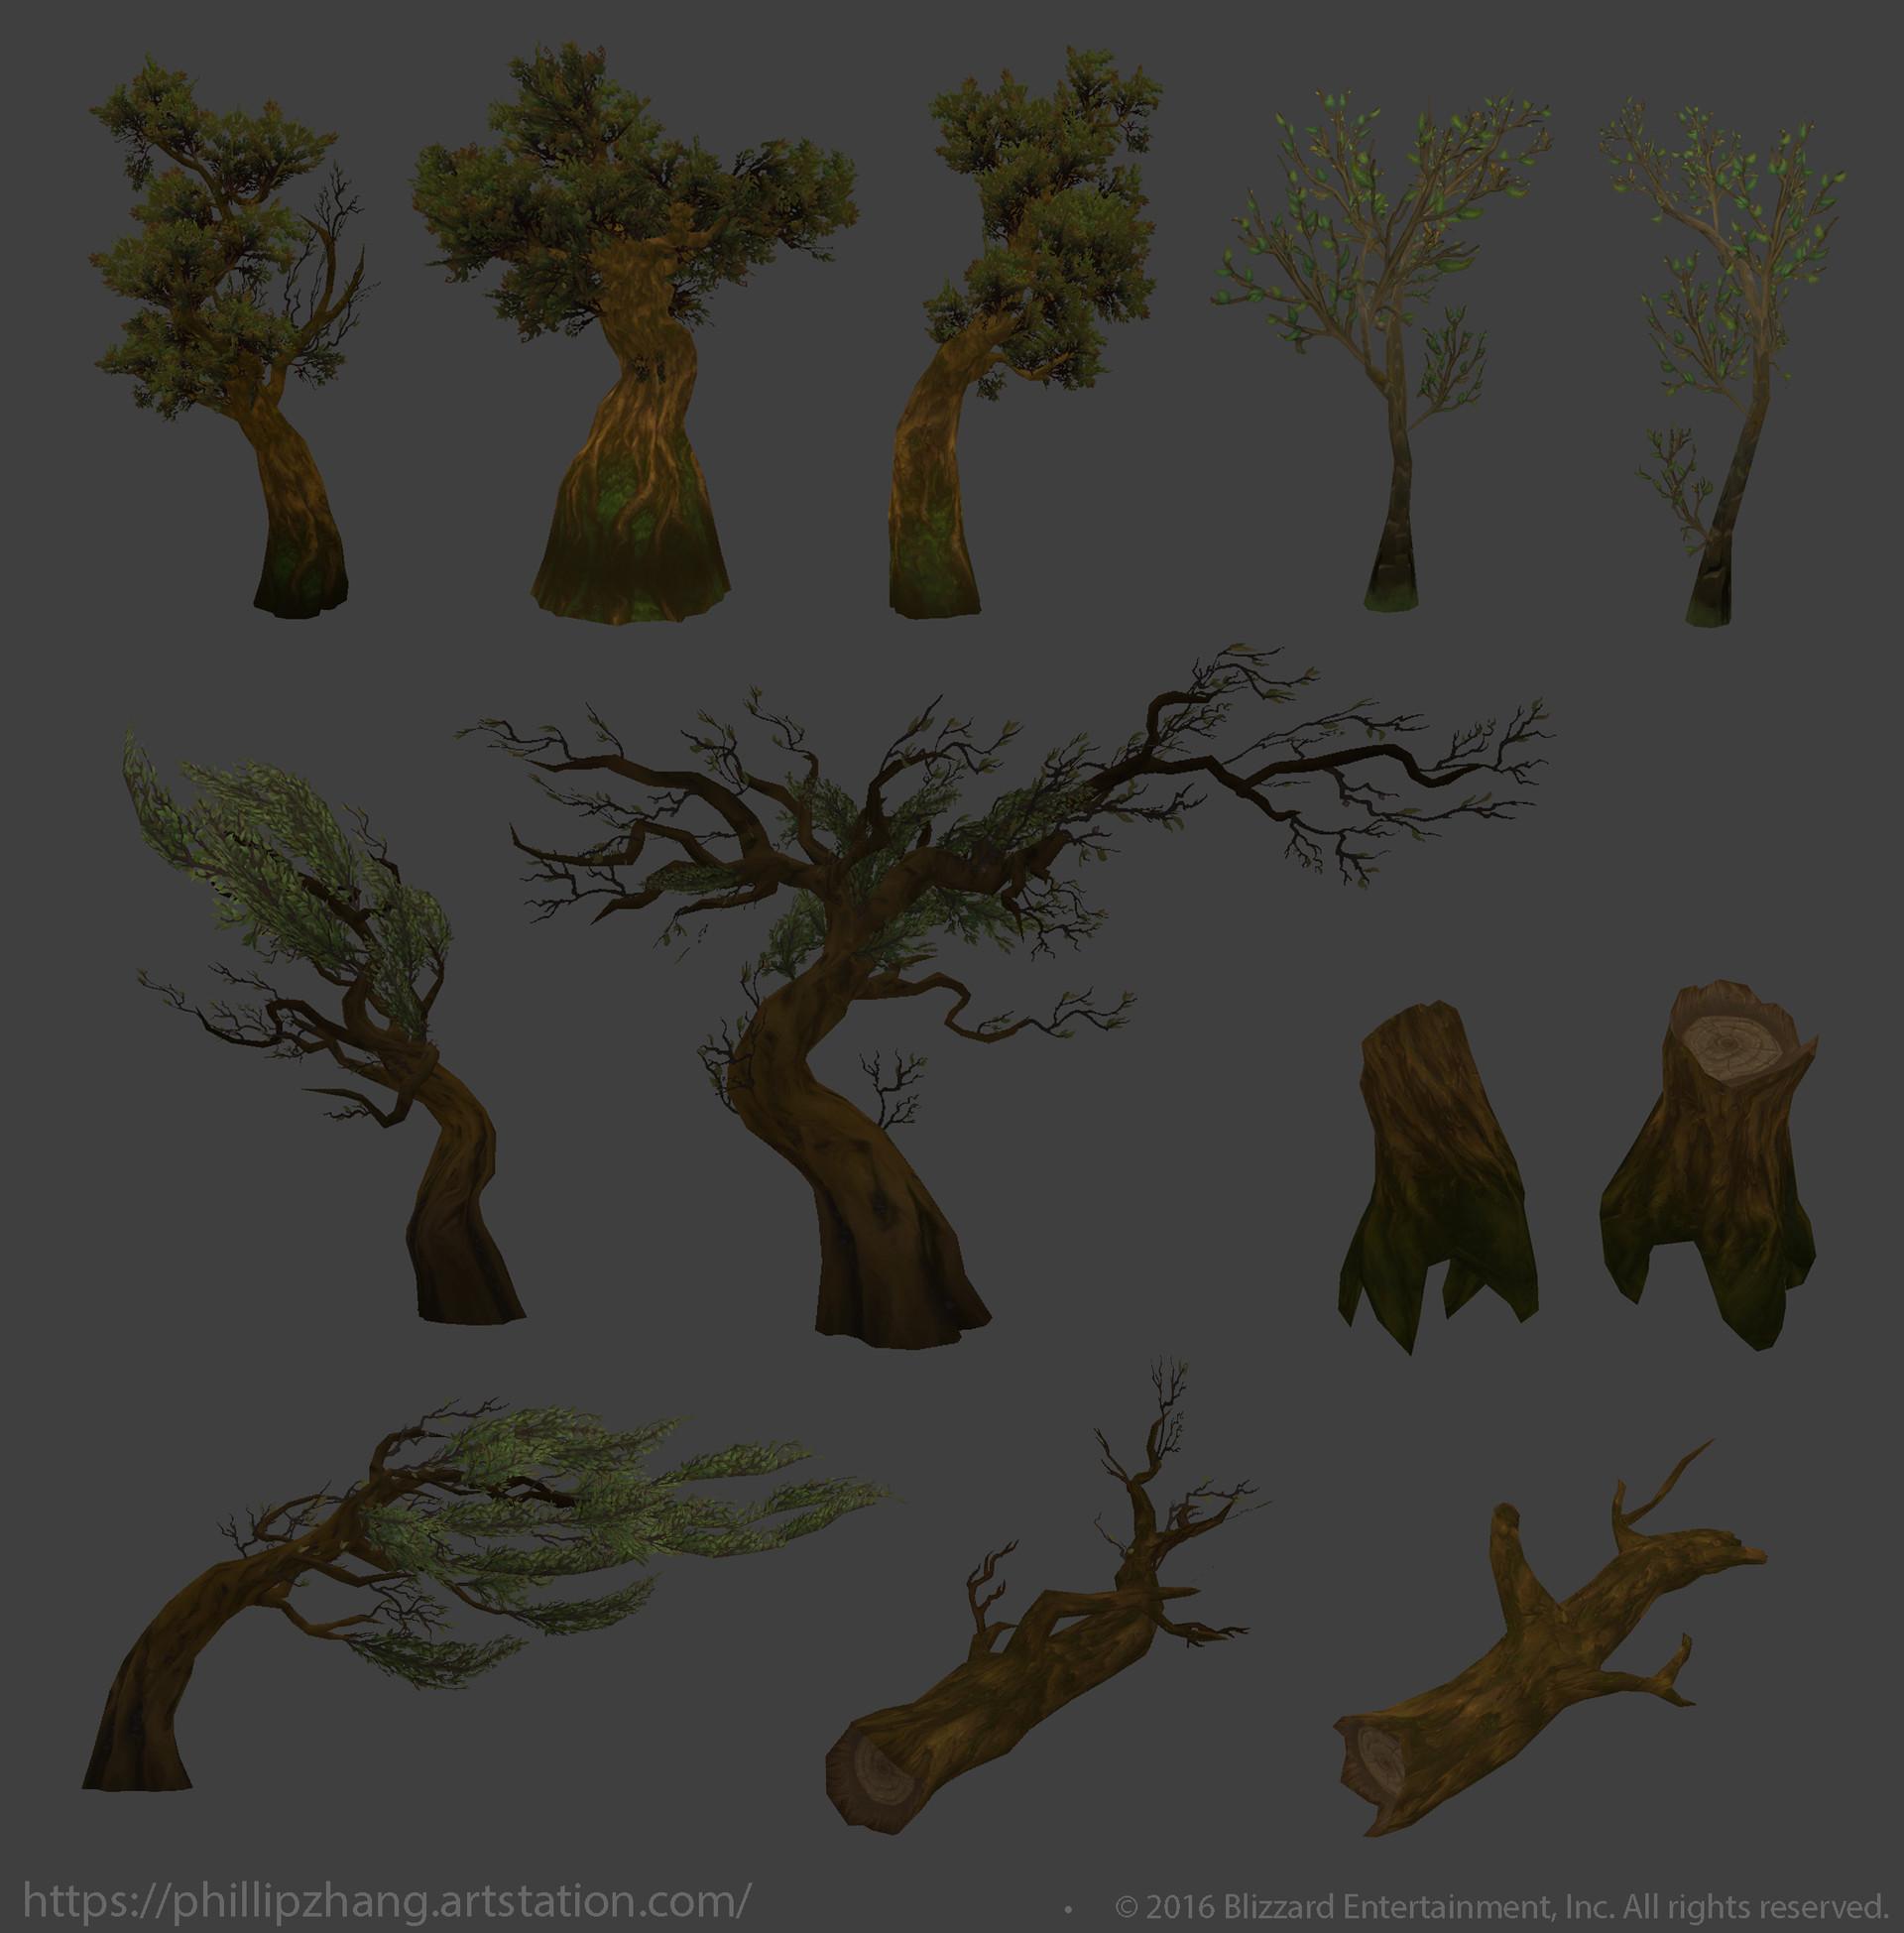 ArtStation - Black Rook Hold - World of Warcraft, Phillip